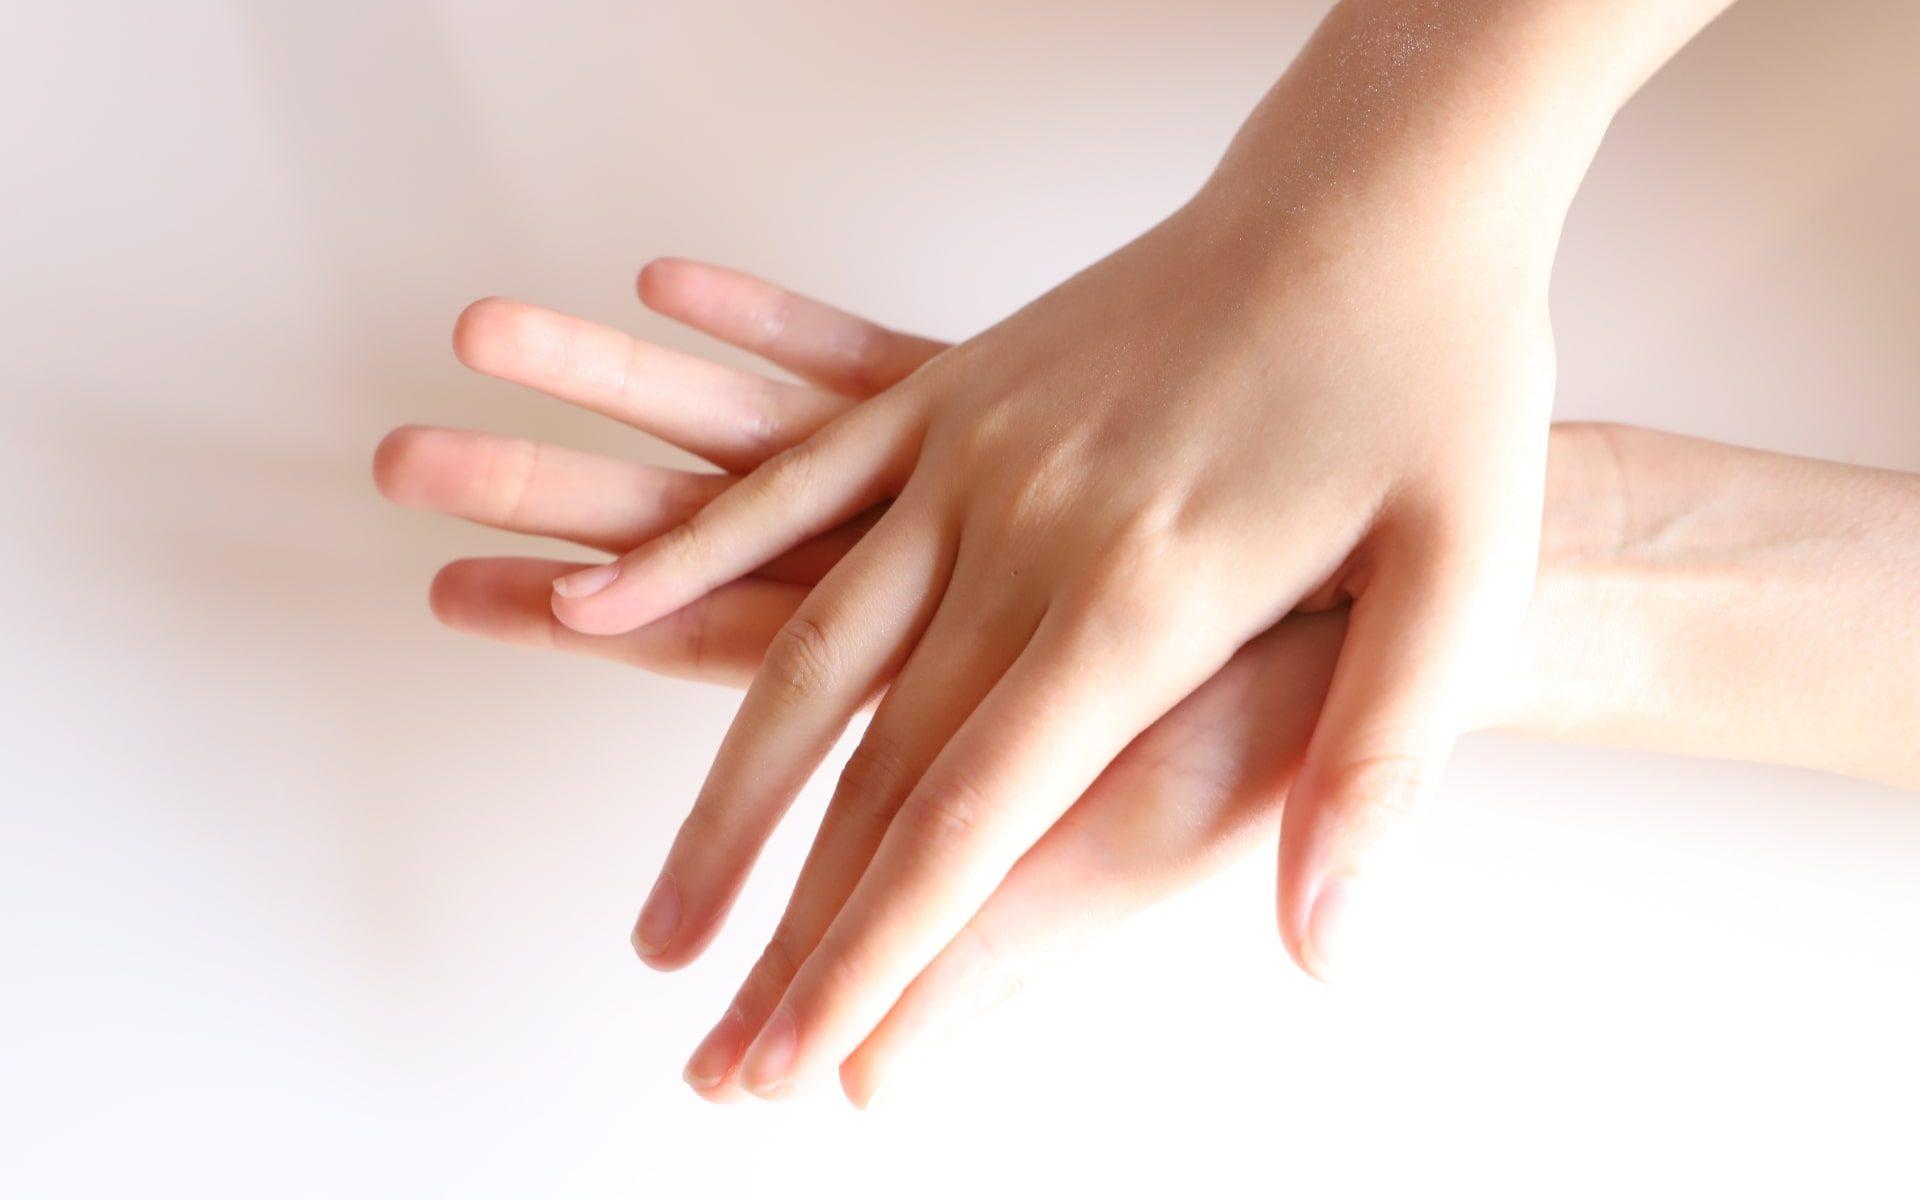 10歳早く歳を取る?手は顔より老化が現れやすい!